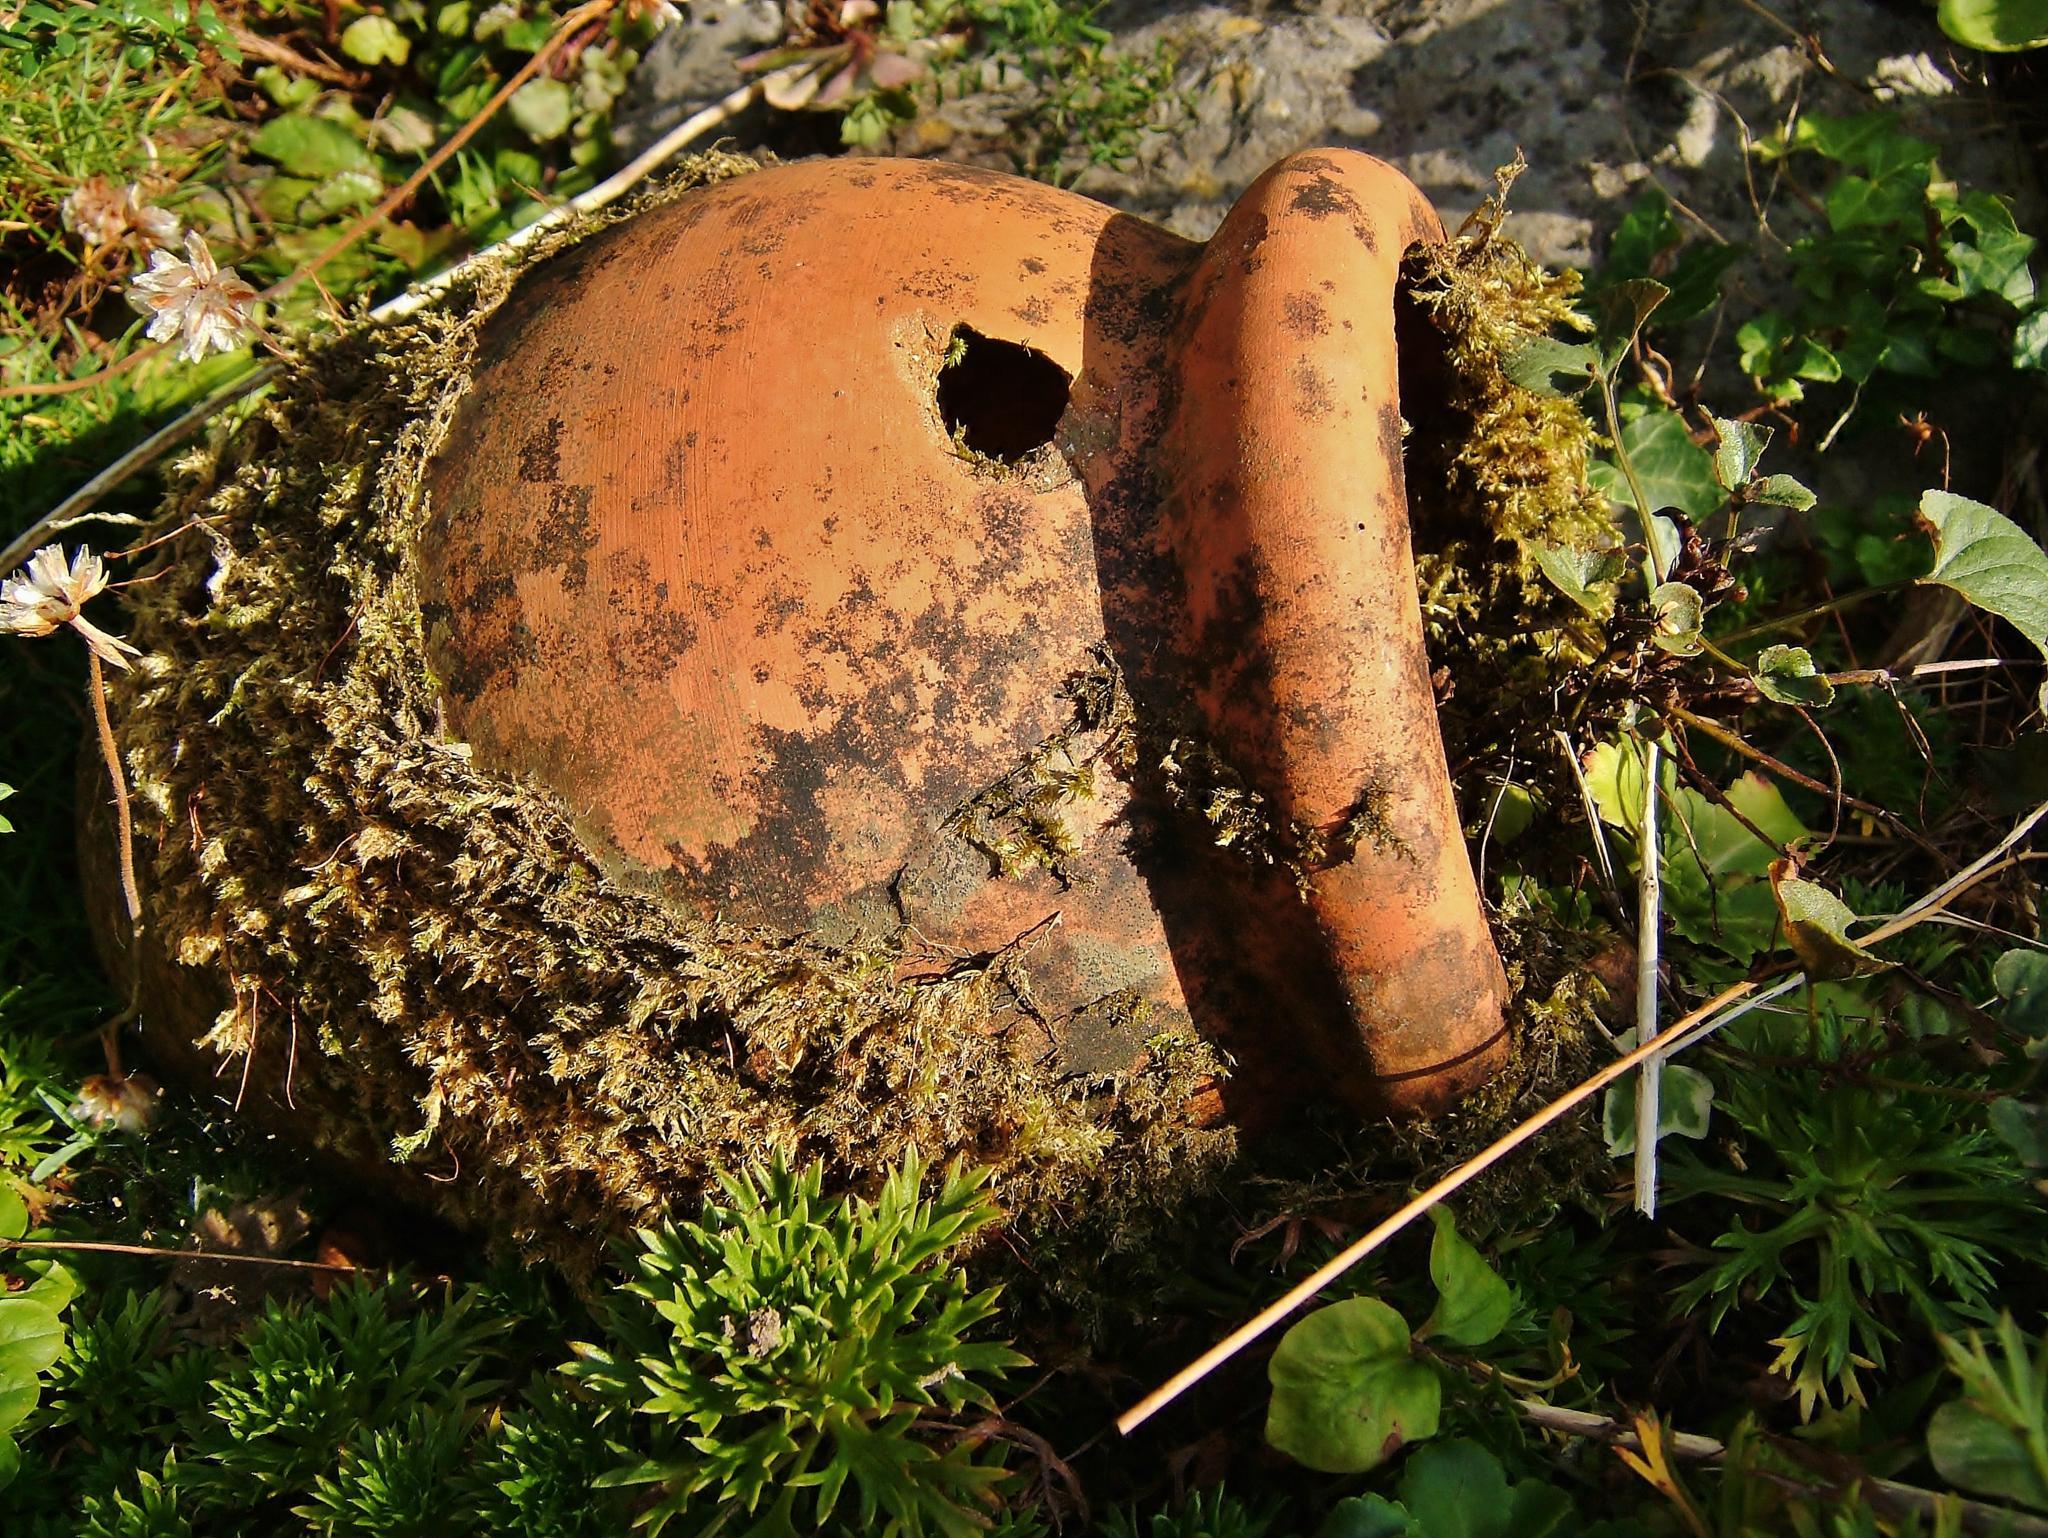 Lost garden by Dave Davidson